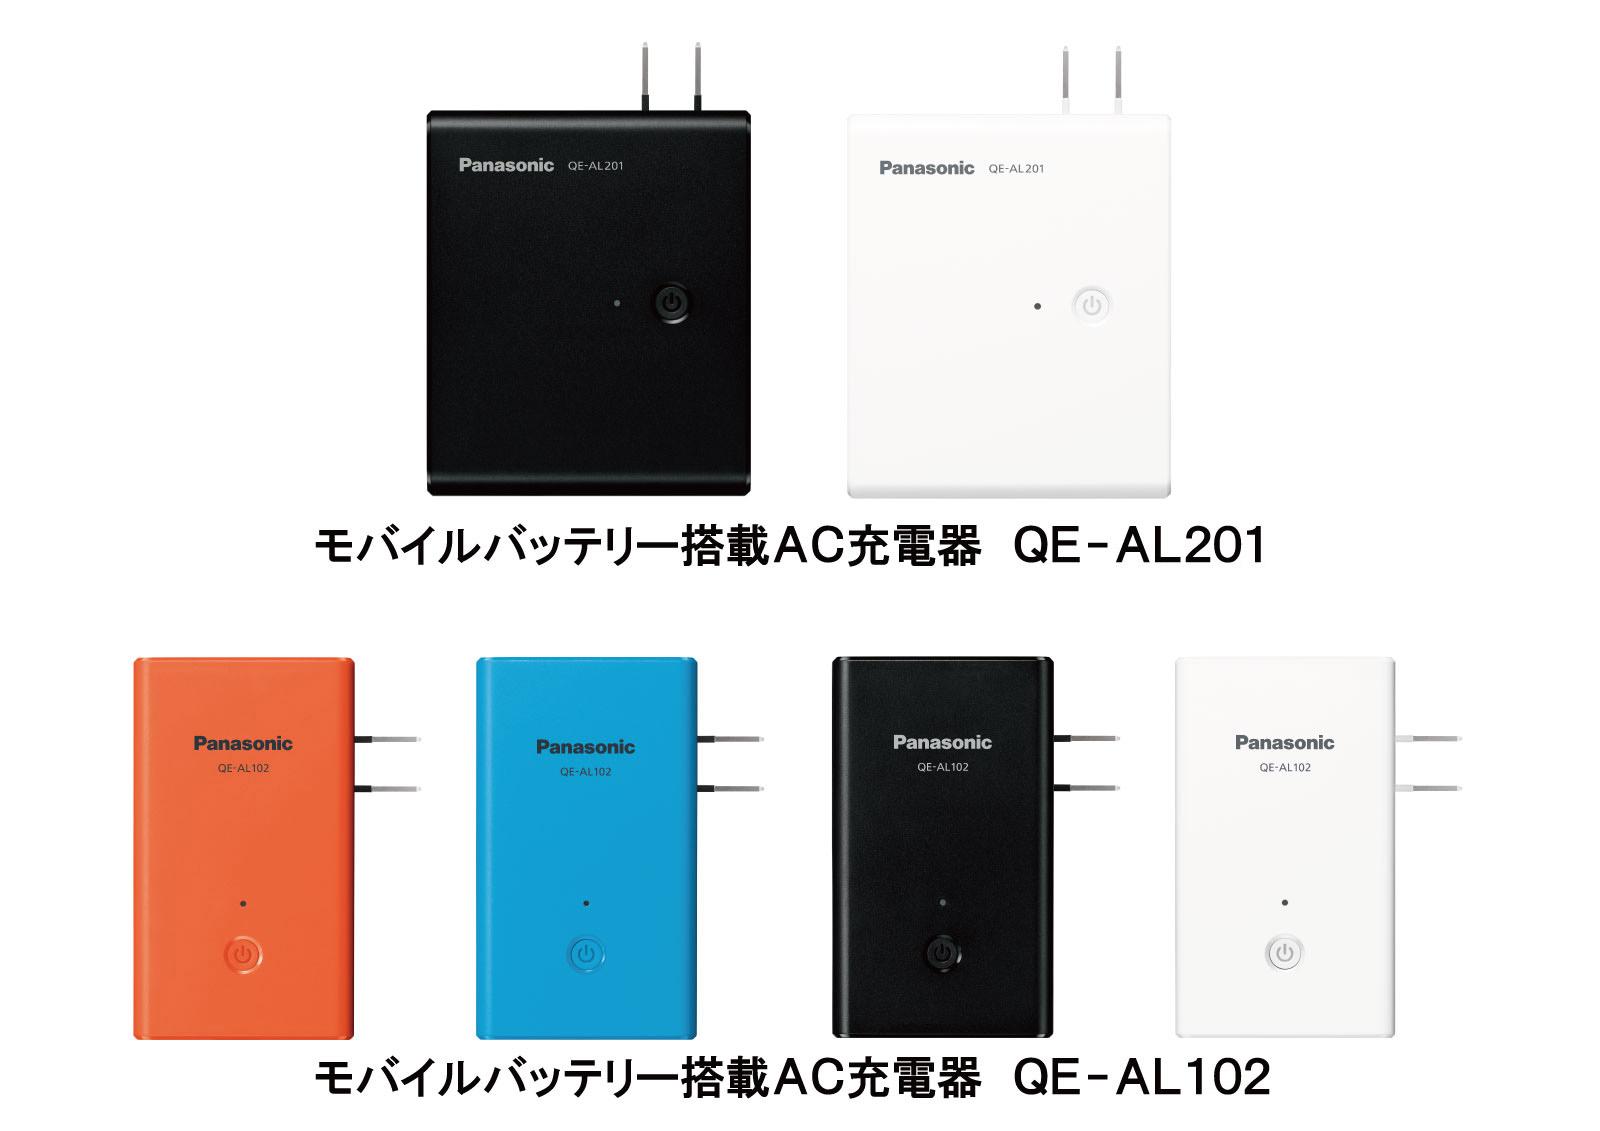 モバイルバッテリー搭載AC充電器 QE-AL201, QE-AL102